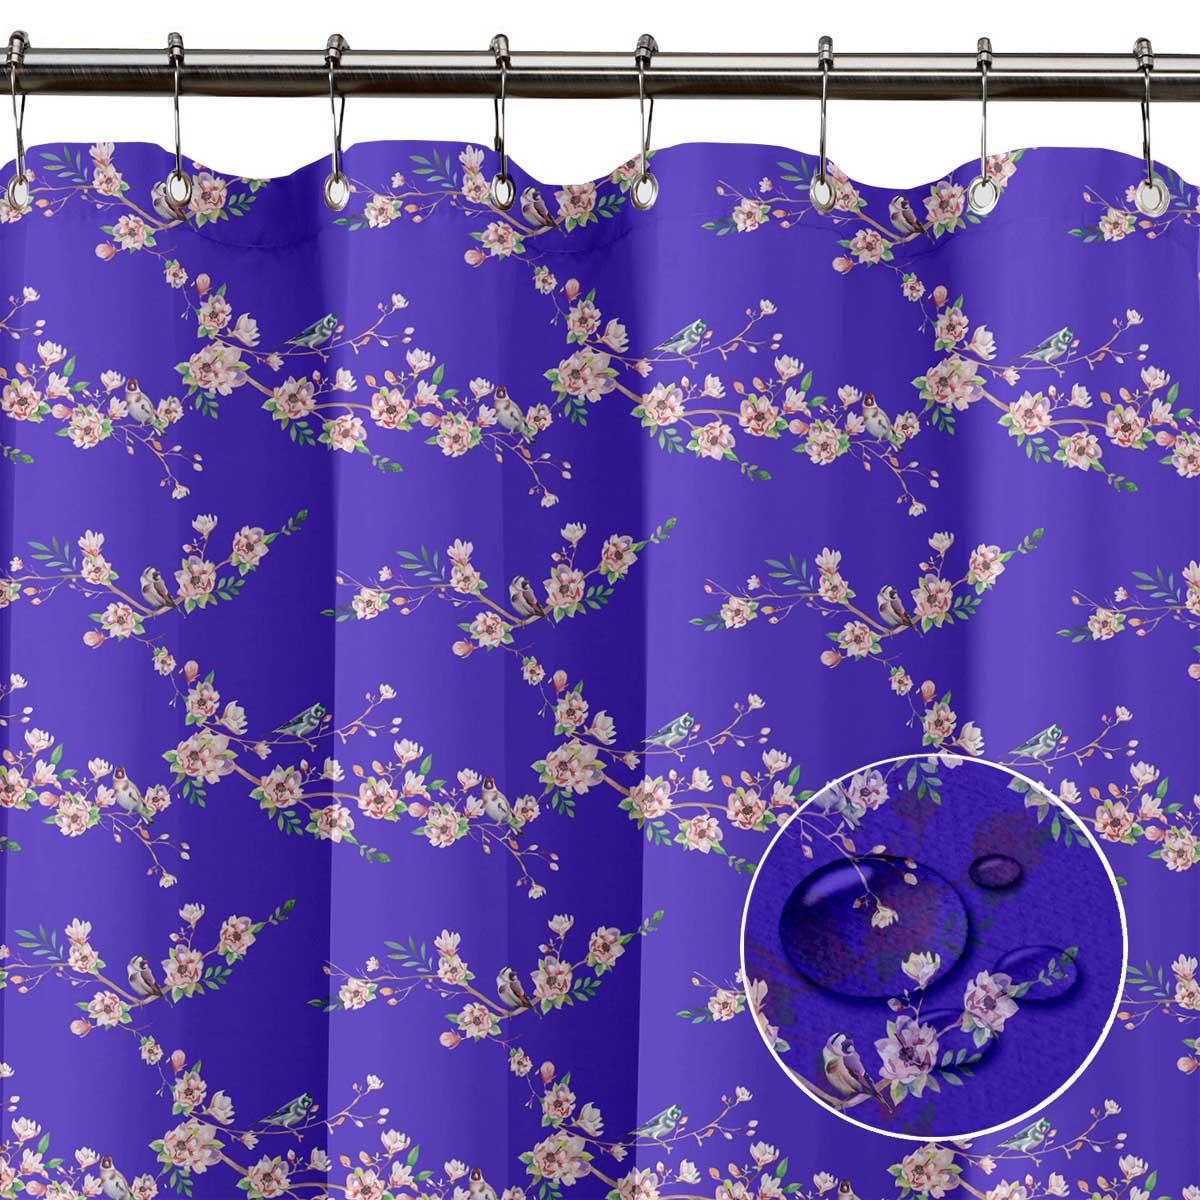 miniature 6 - S4Sassy Noir fleur et chardonneret oiseau rideaux de douche imprim?s-JpP